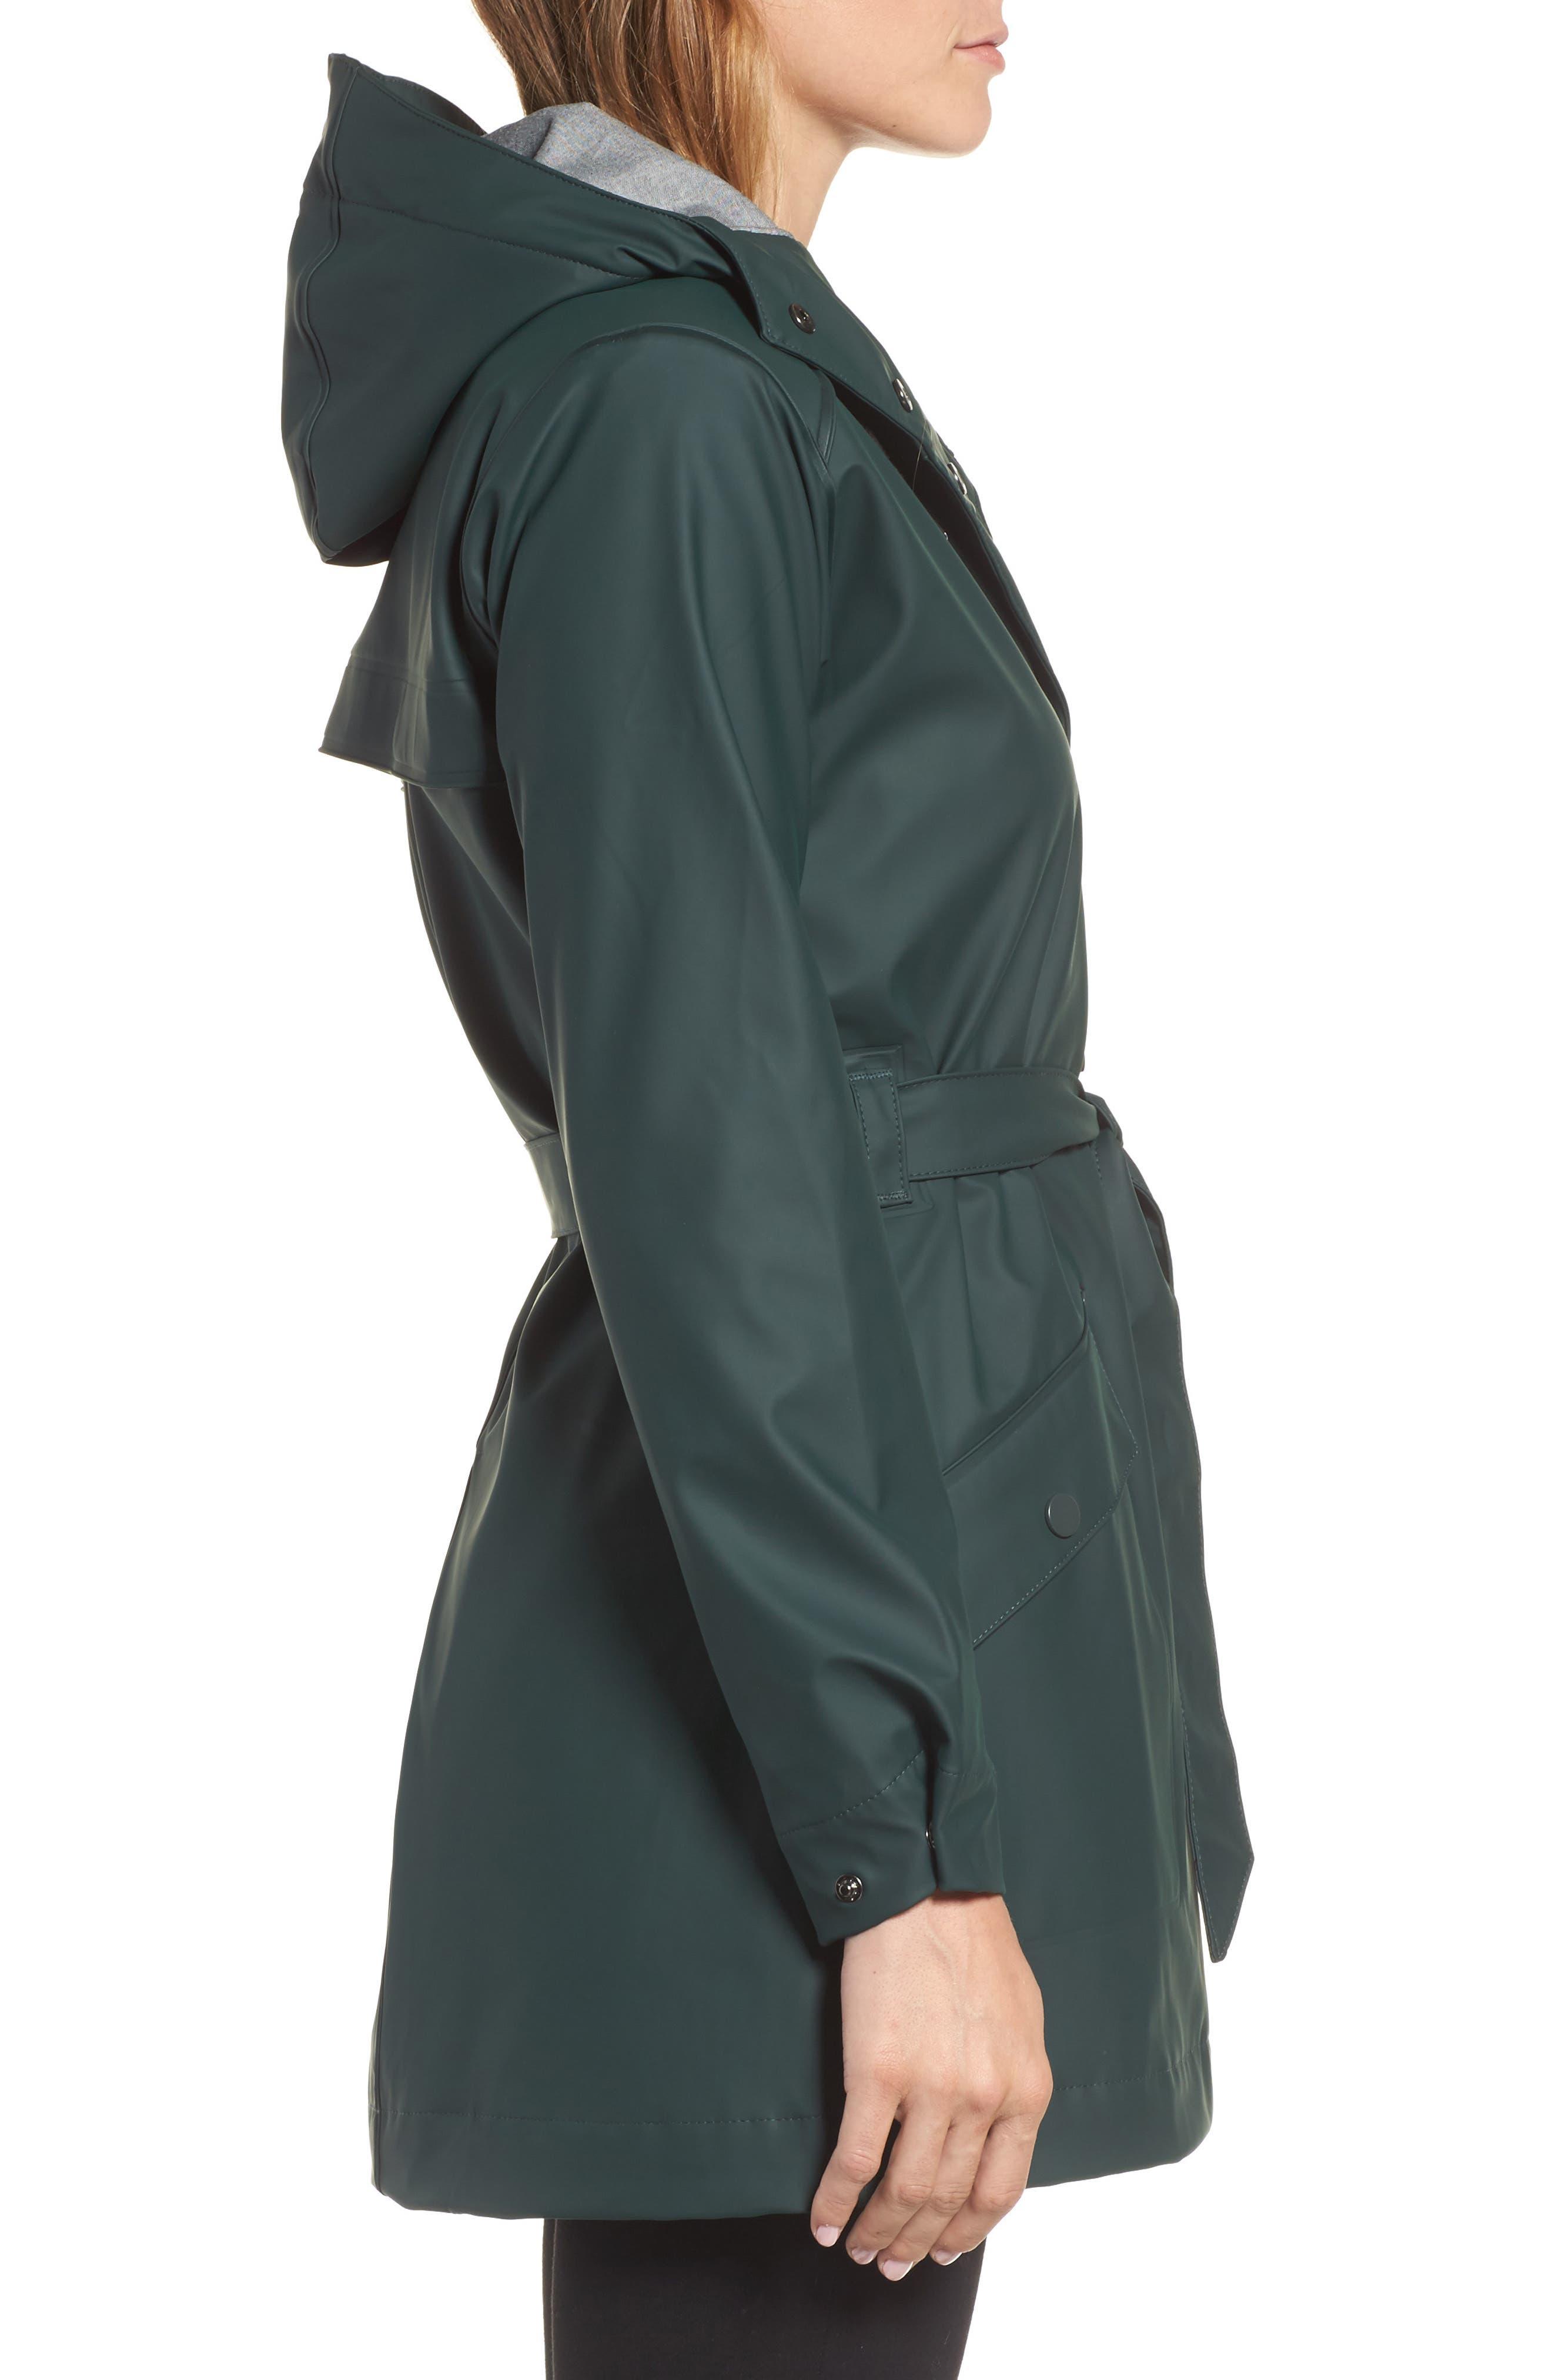 Kirkwall Raincoat,                             Alternate thumbnail 3, color,                             Darkest Spruce